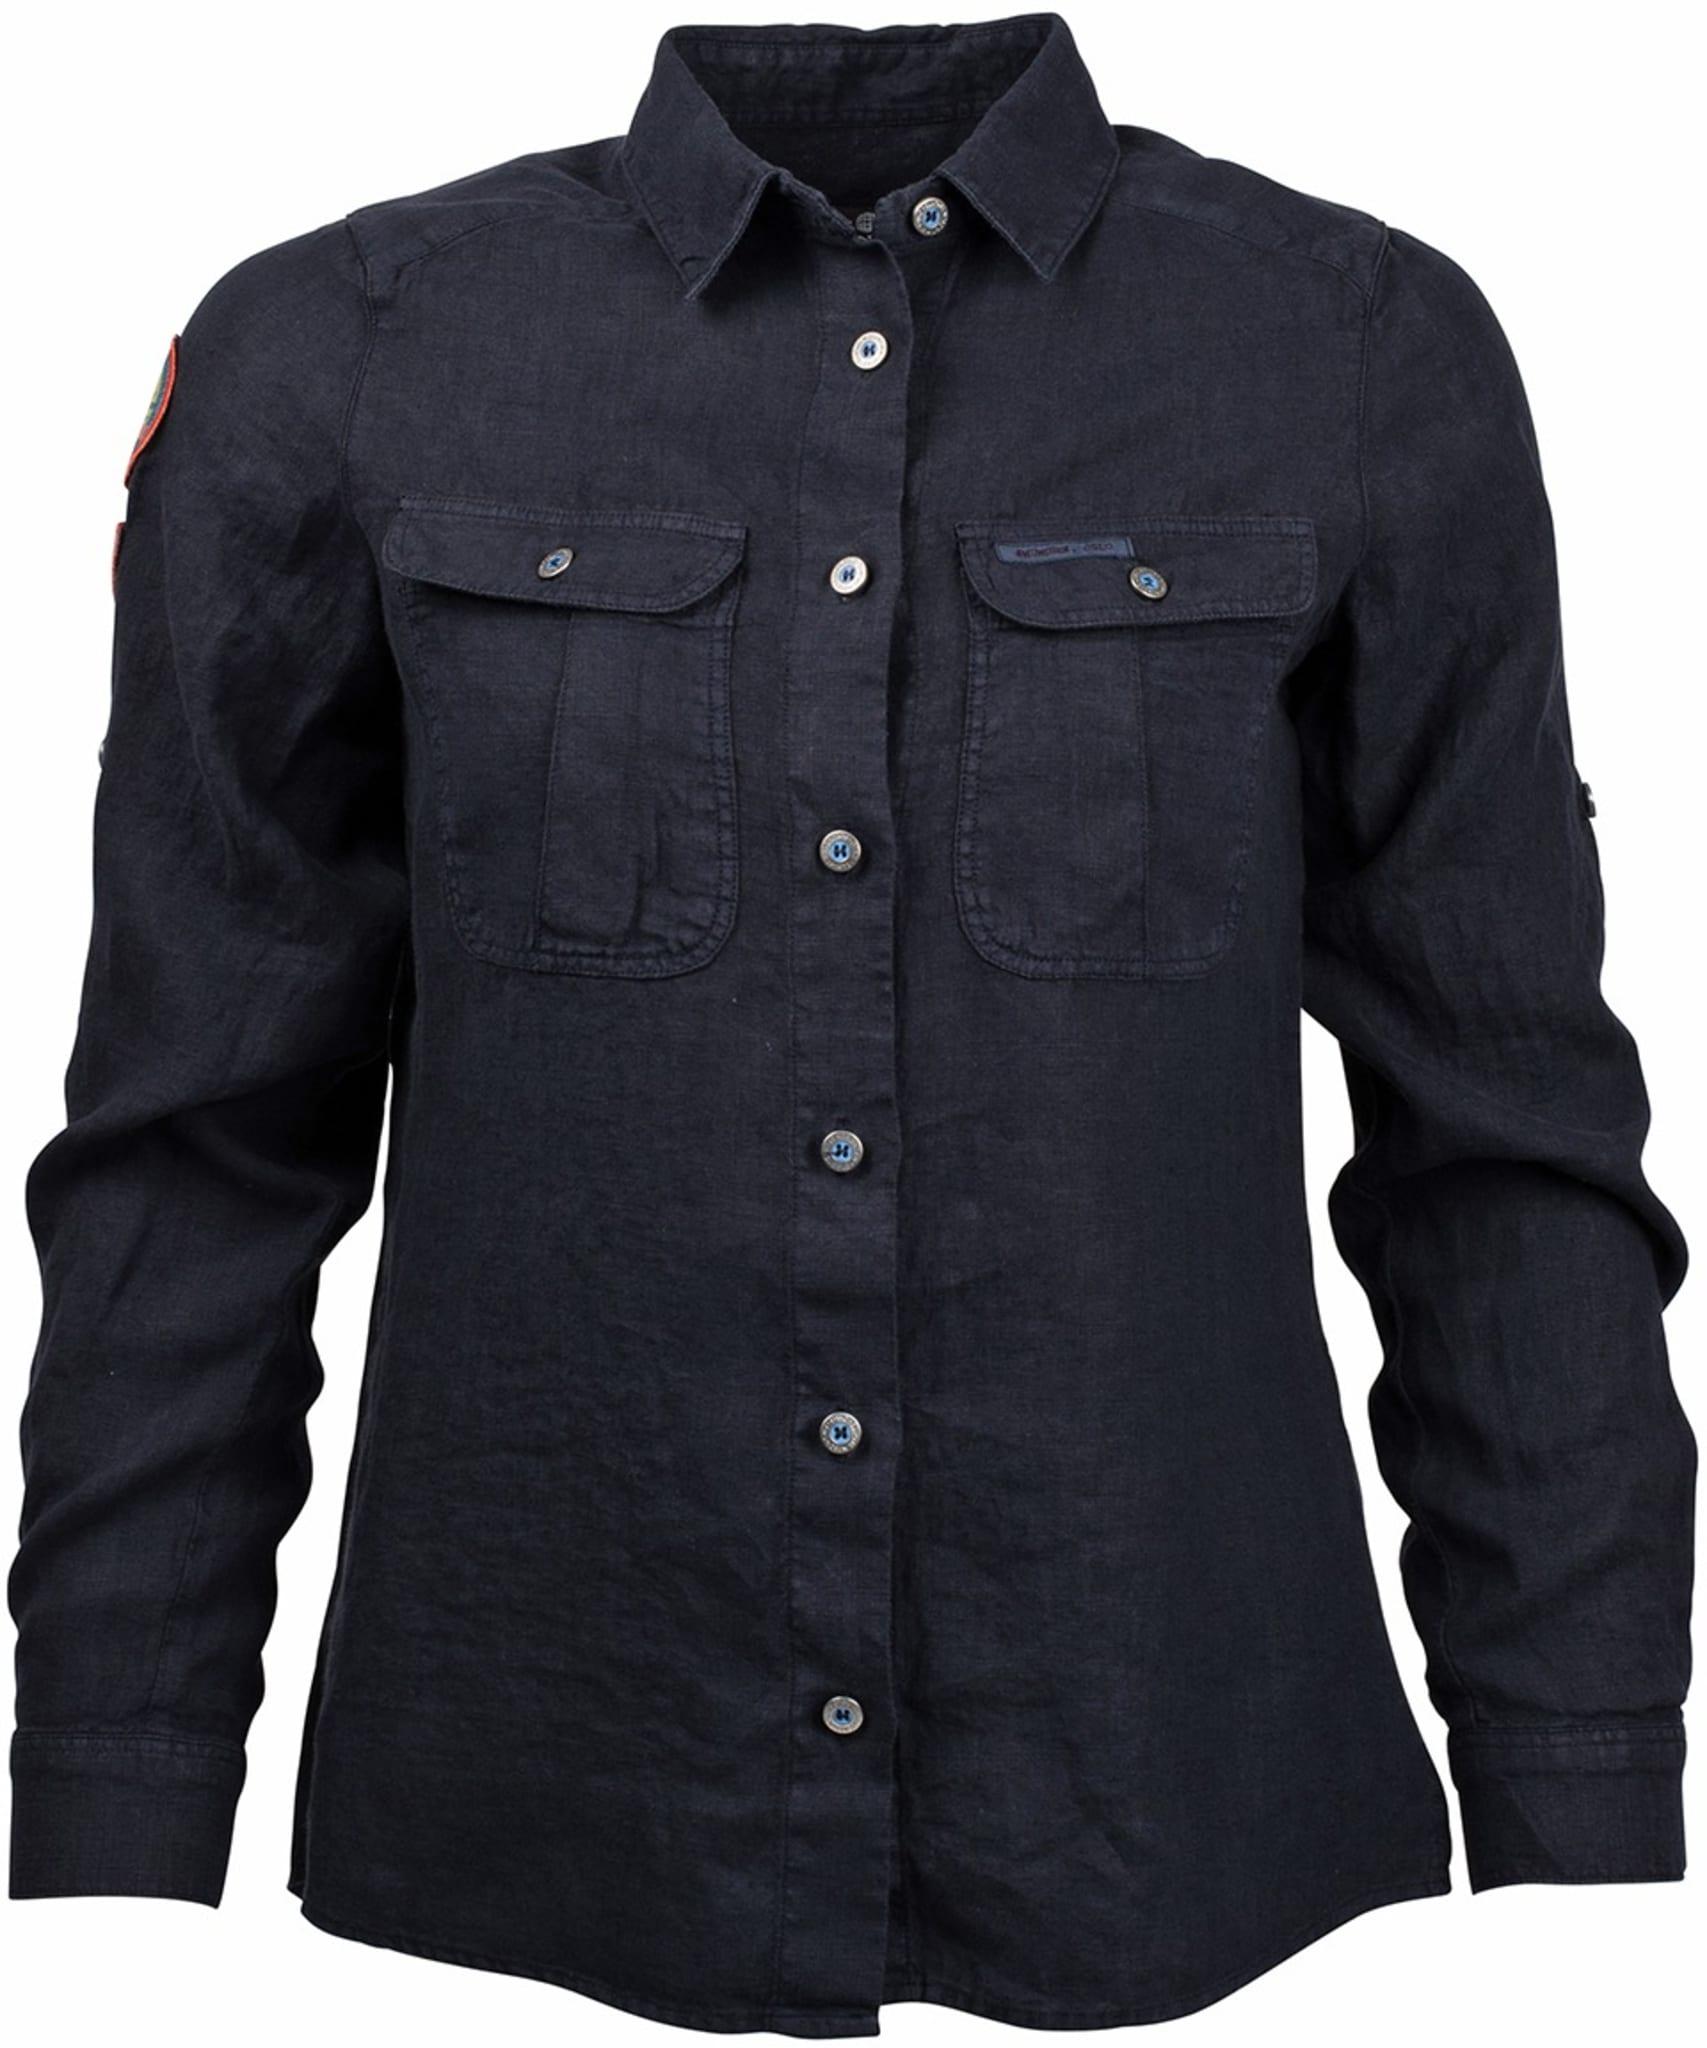 Linskjorte laget med spesiell fargeprosses for det ultimate utseende